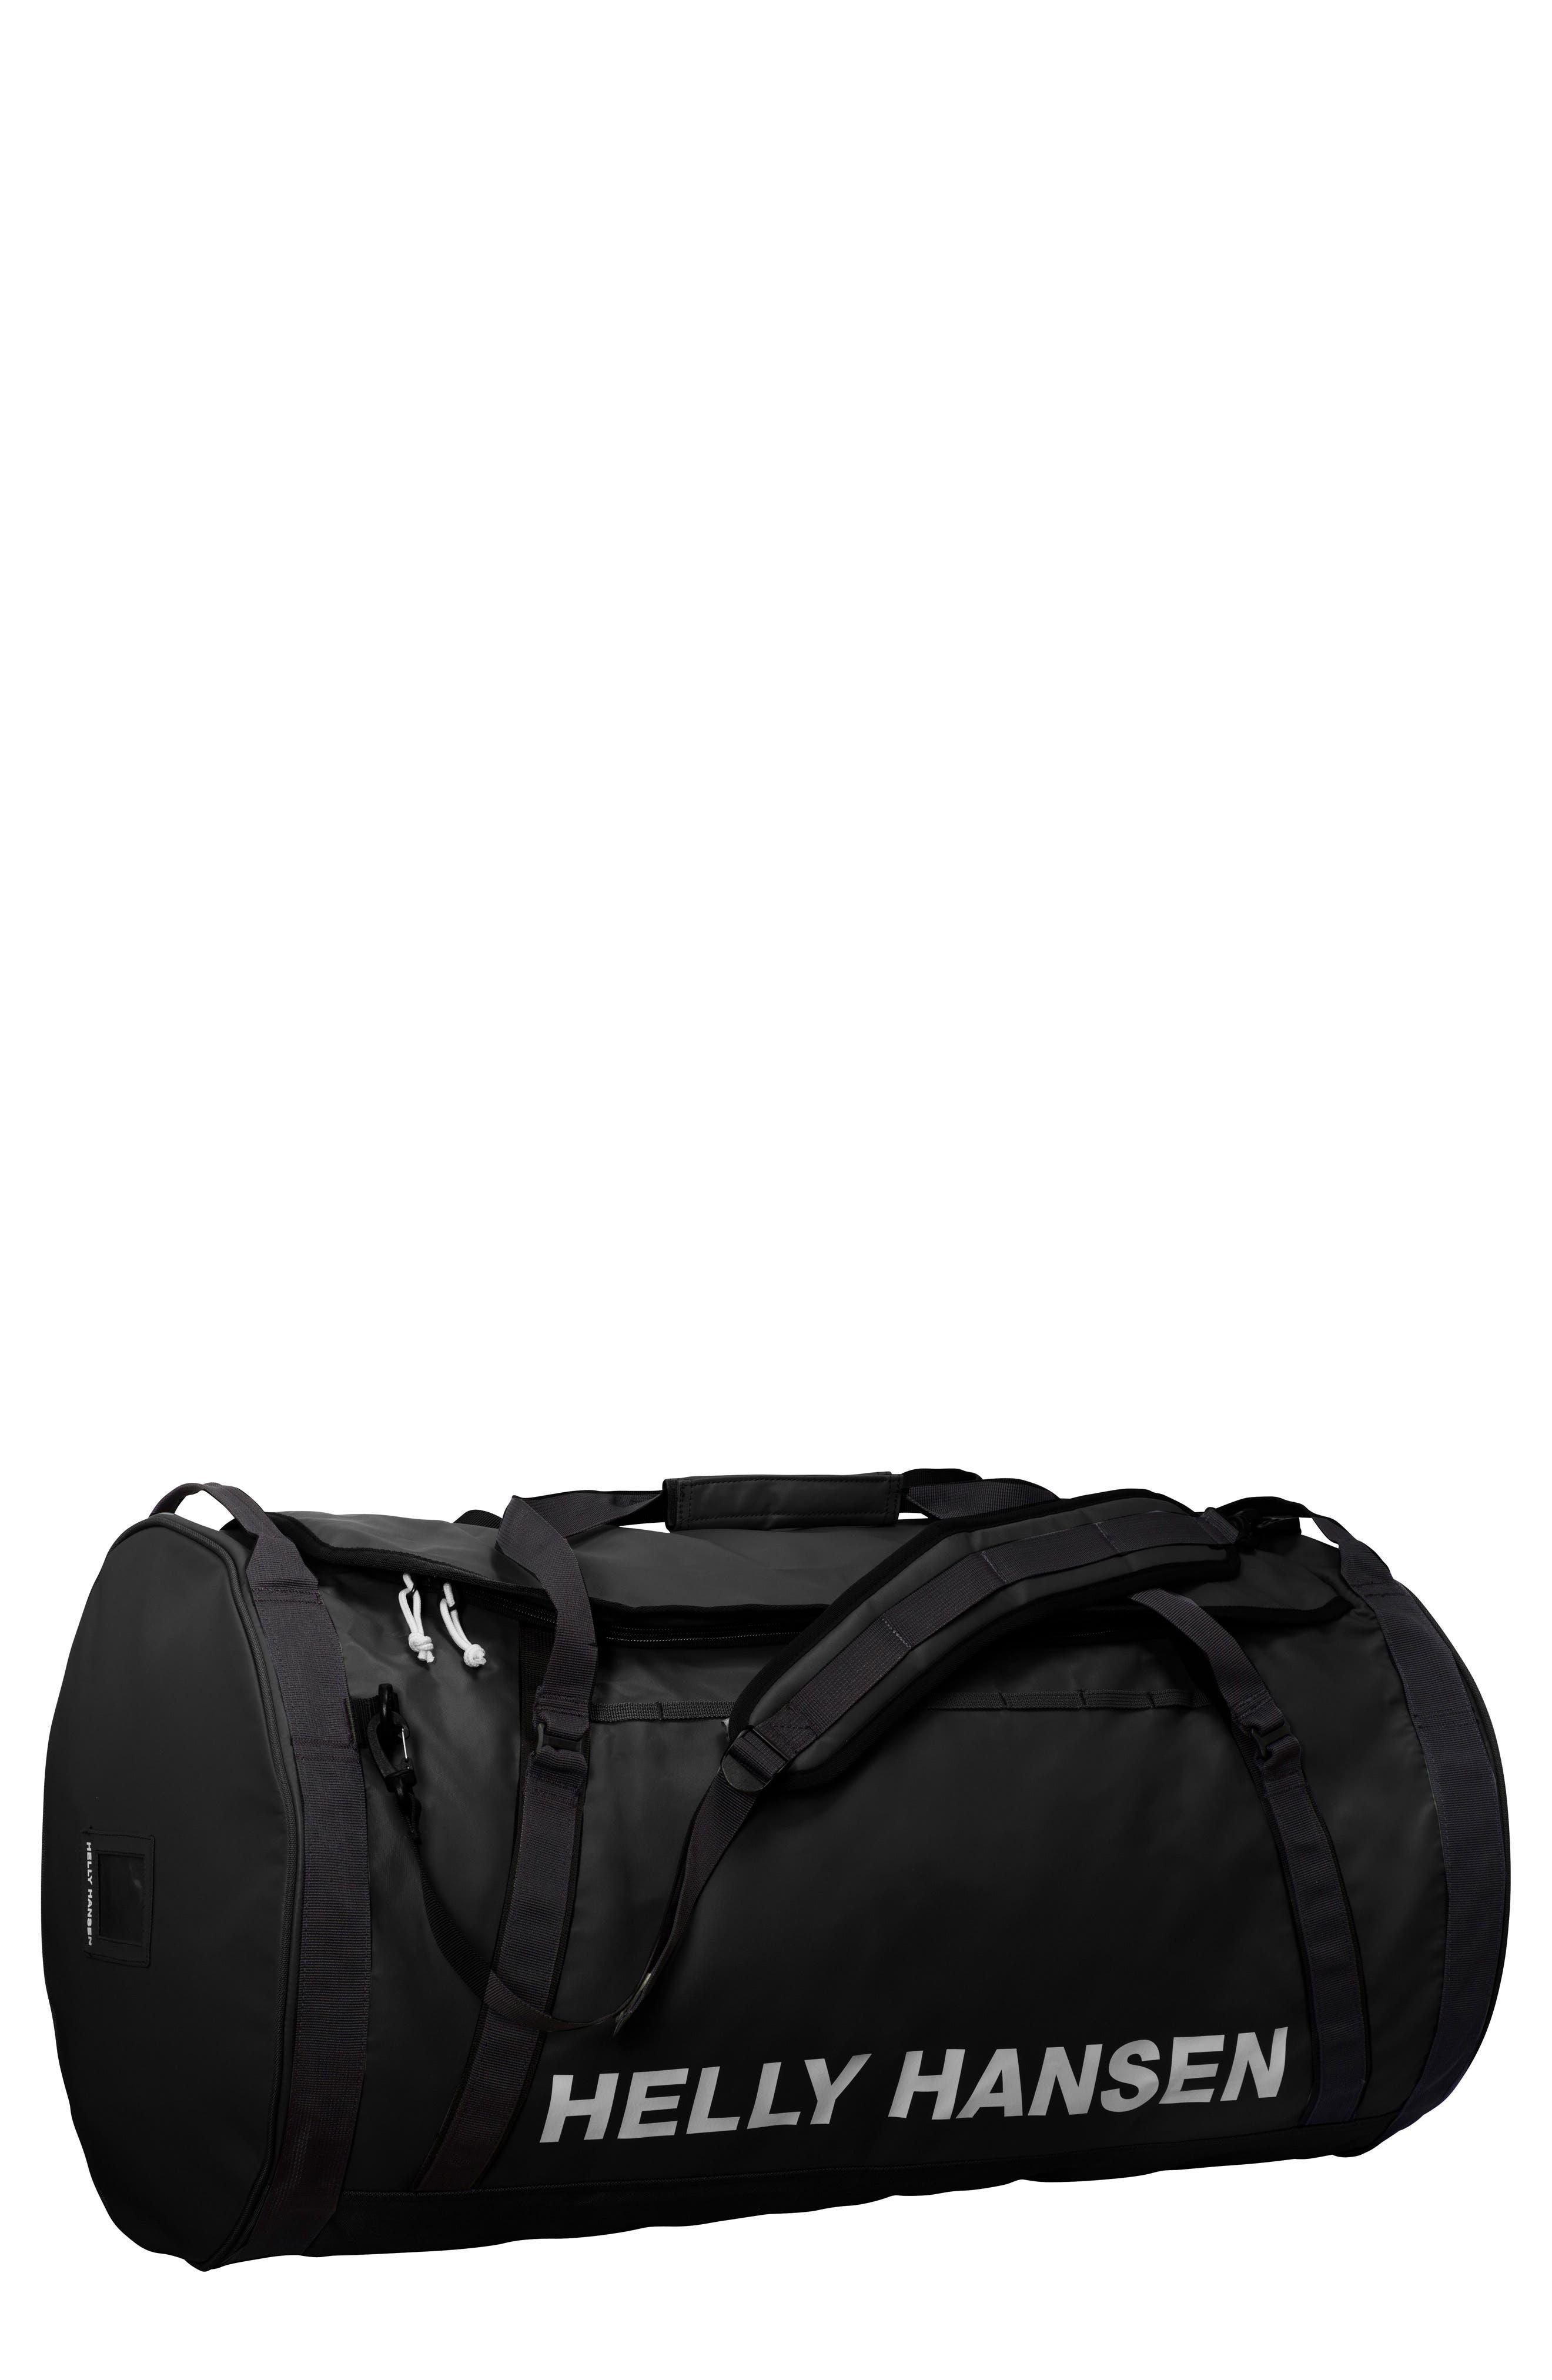 70-Liter Duffel Bag,                         Main,                         color, 009